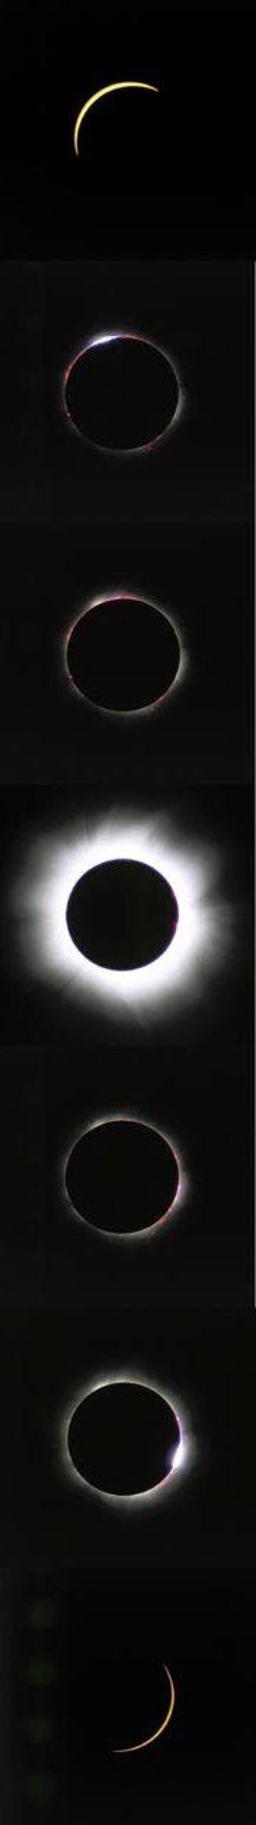 Phases de l'éclipse de soleil de 1999. Source : http://data.abuledu.org/URI/550cc0b4-phases-de-l-eclipse-de-soleil-de-1999